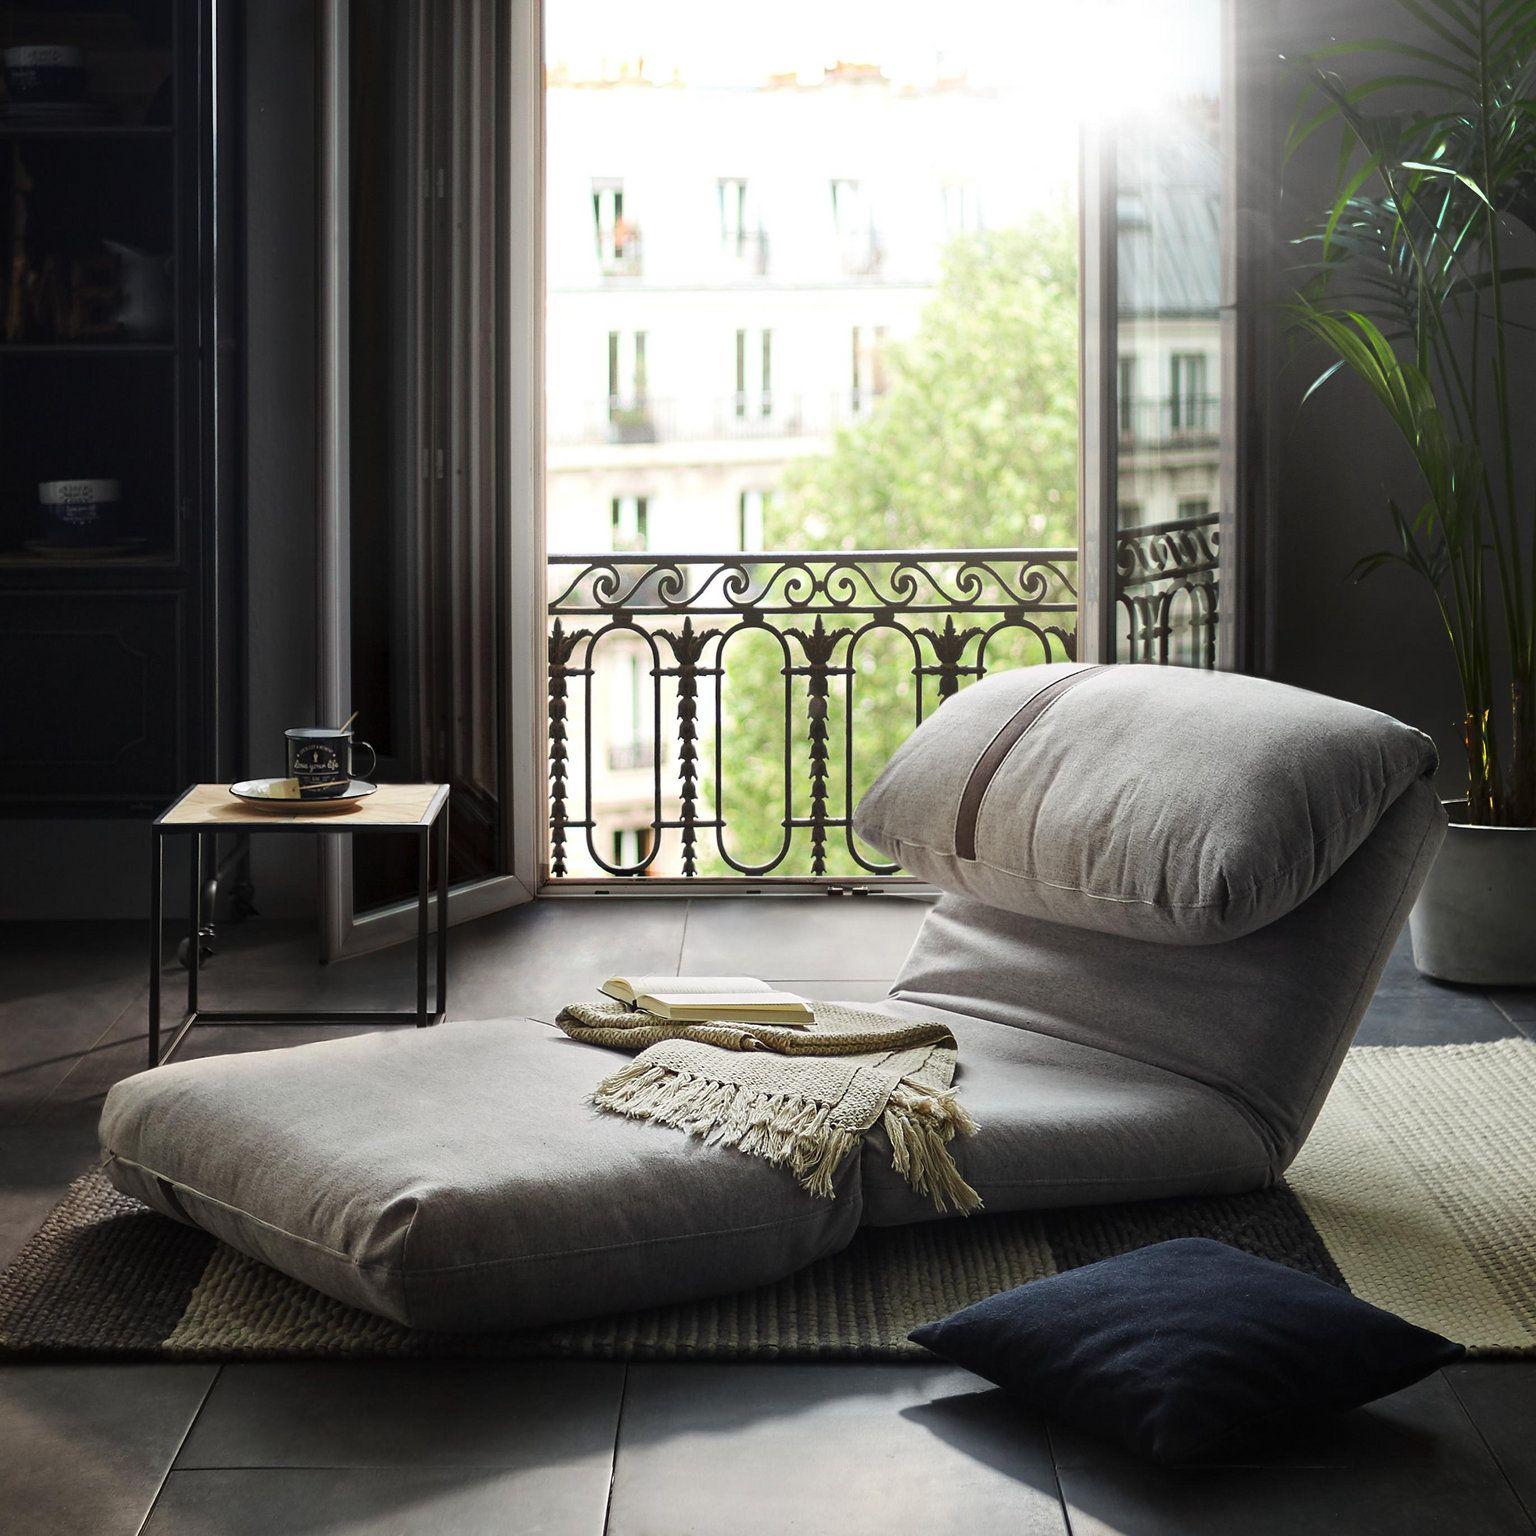 Schlafsessel In Grau Mit Schaumstoffpolsterung Schlafsessel Sessel Haus Deko